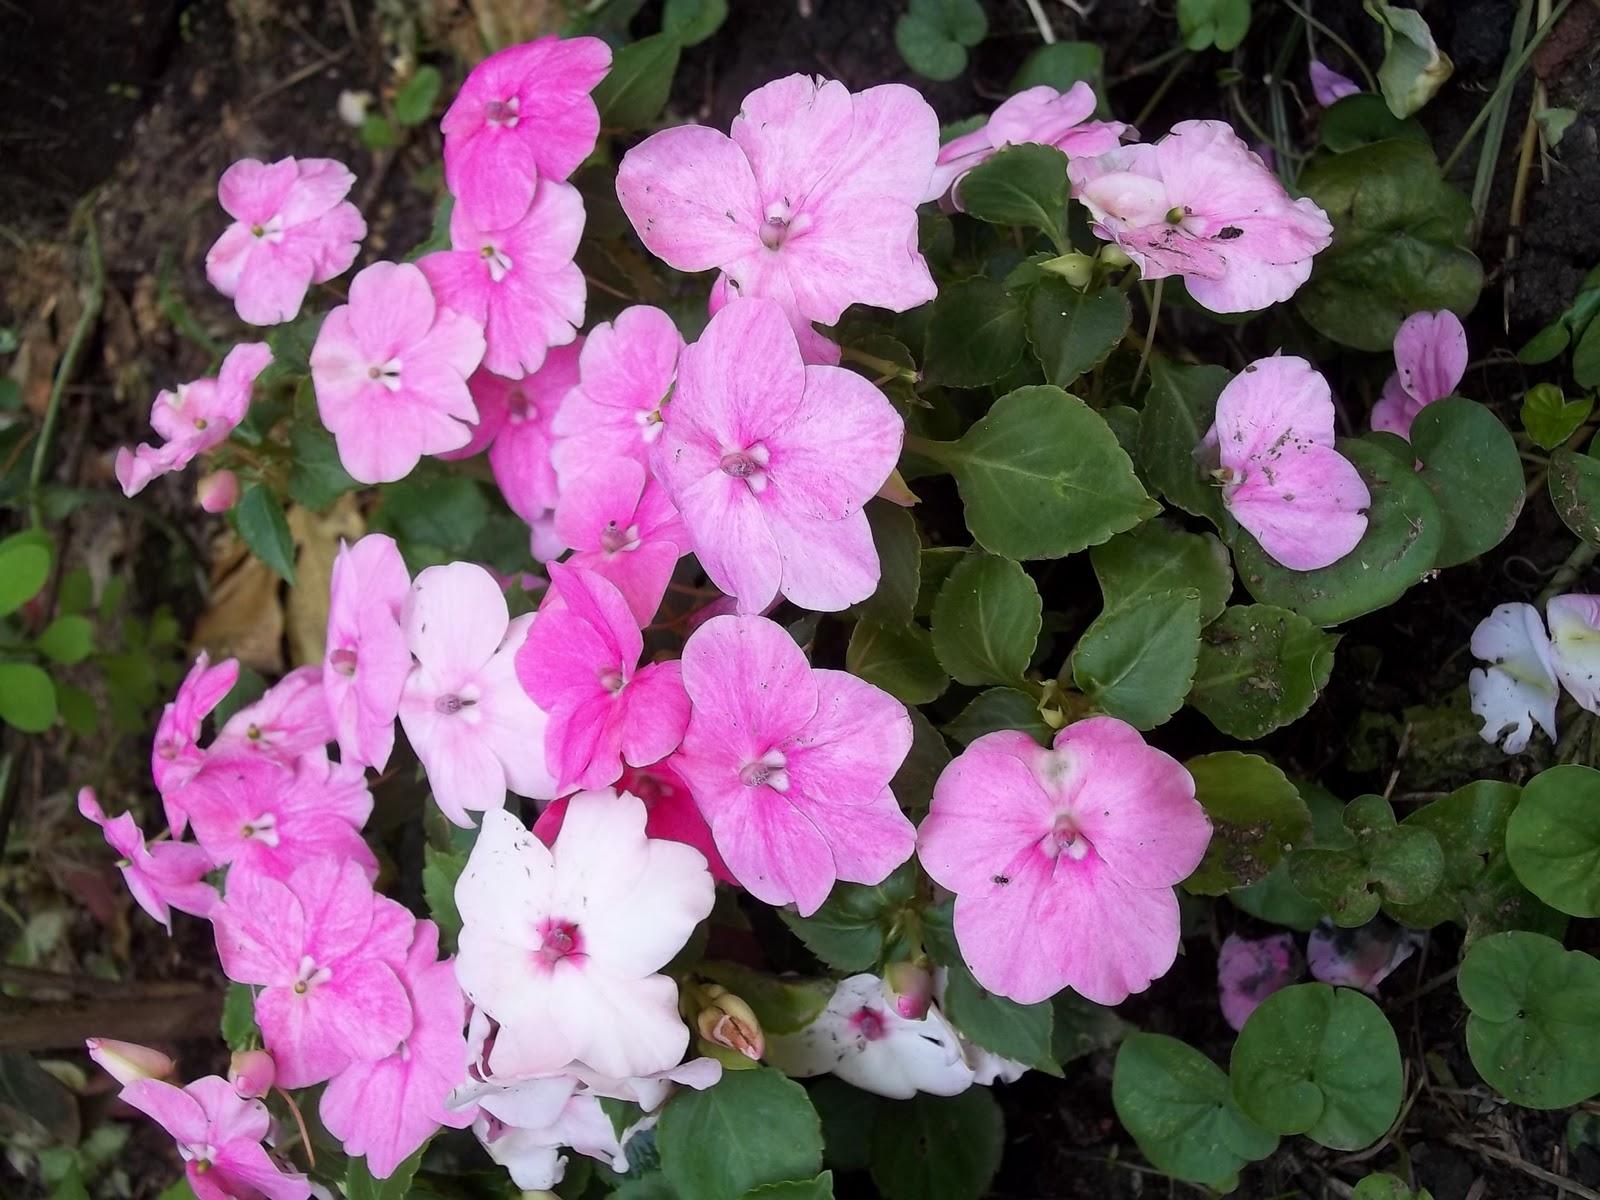 Algunas plantas de mi jard n - Alegria planta cuidados ...